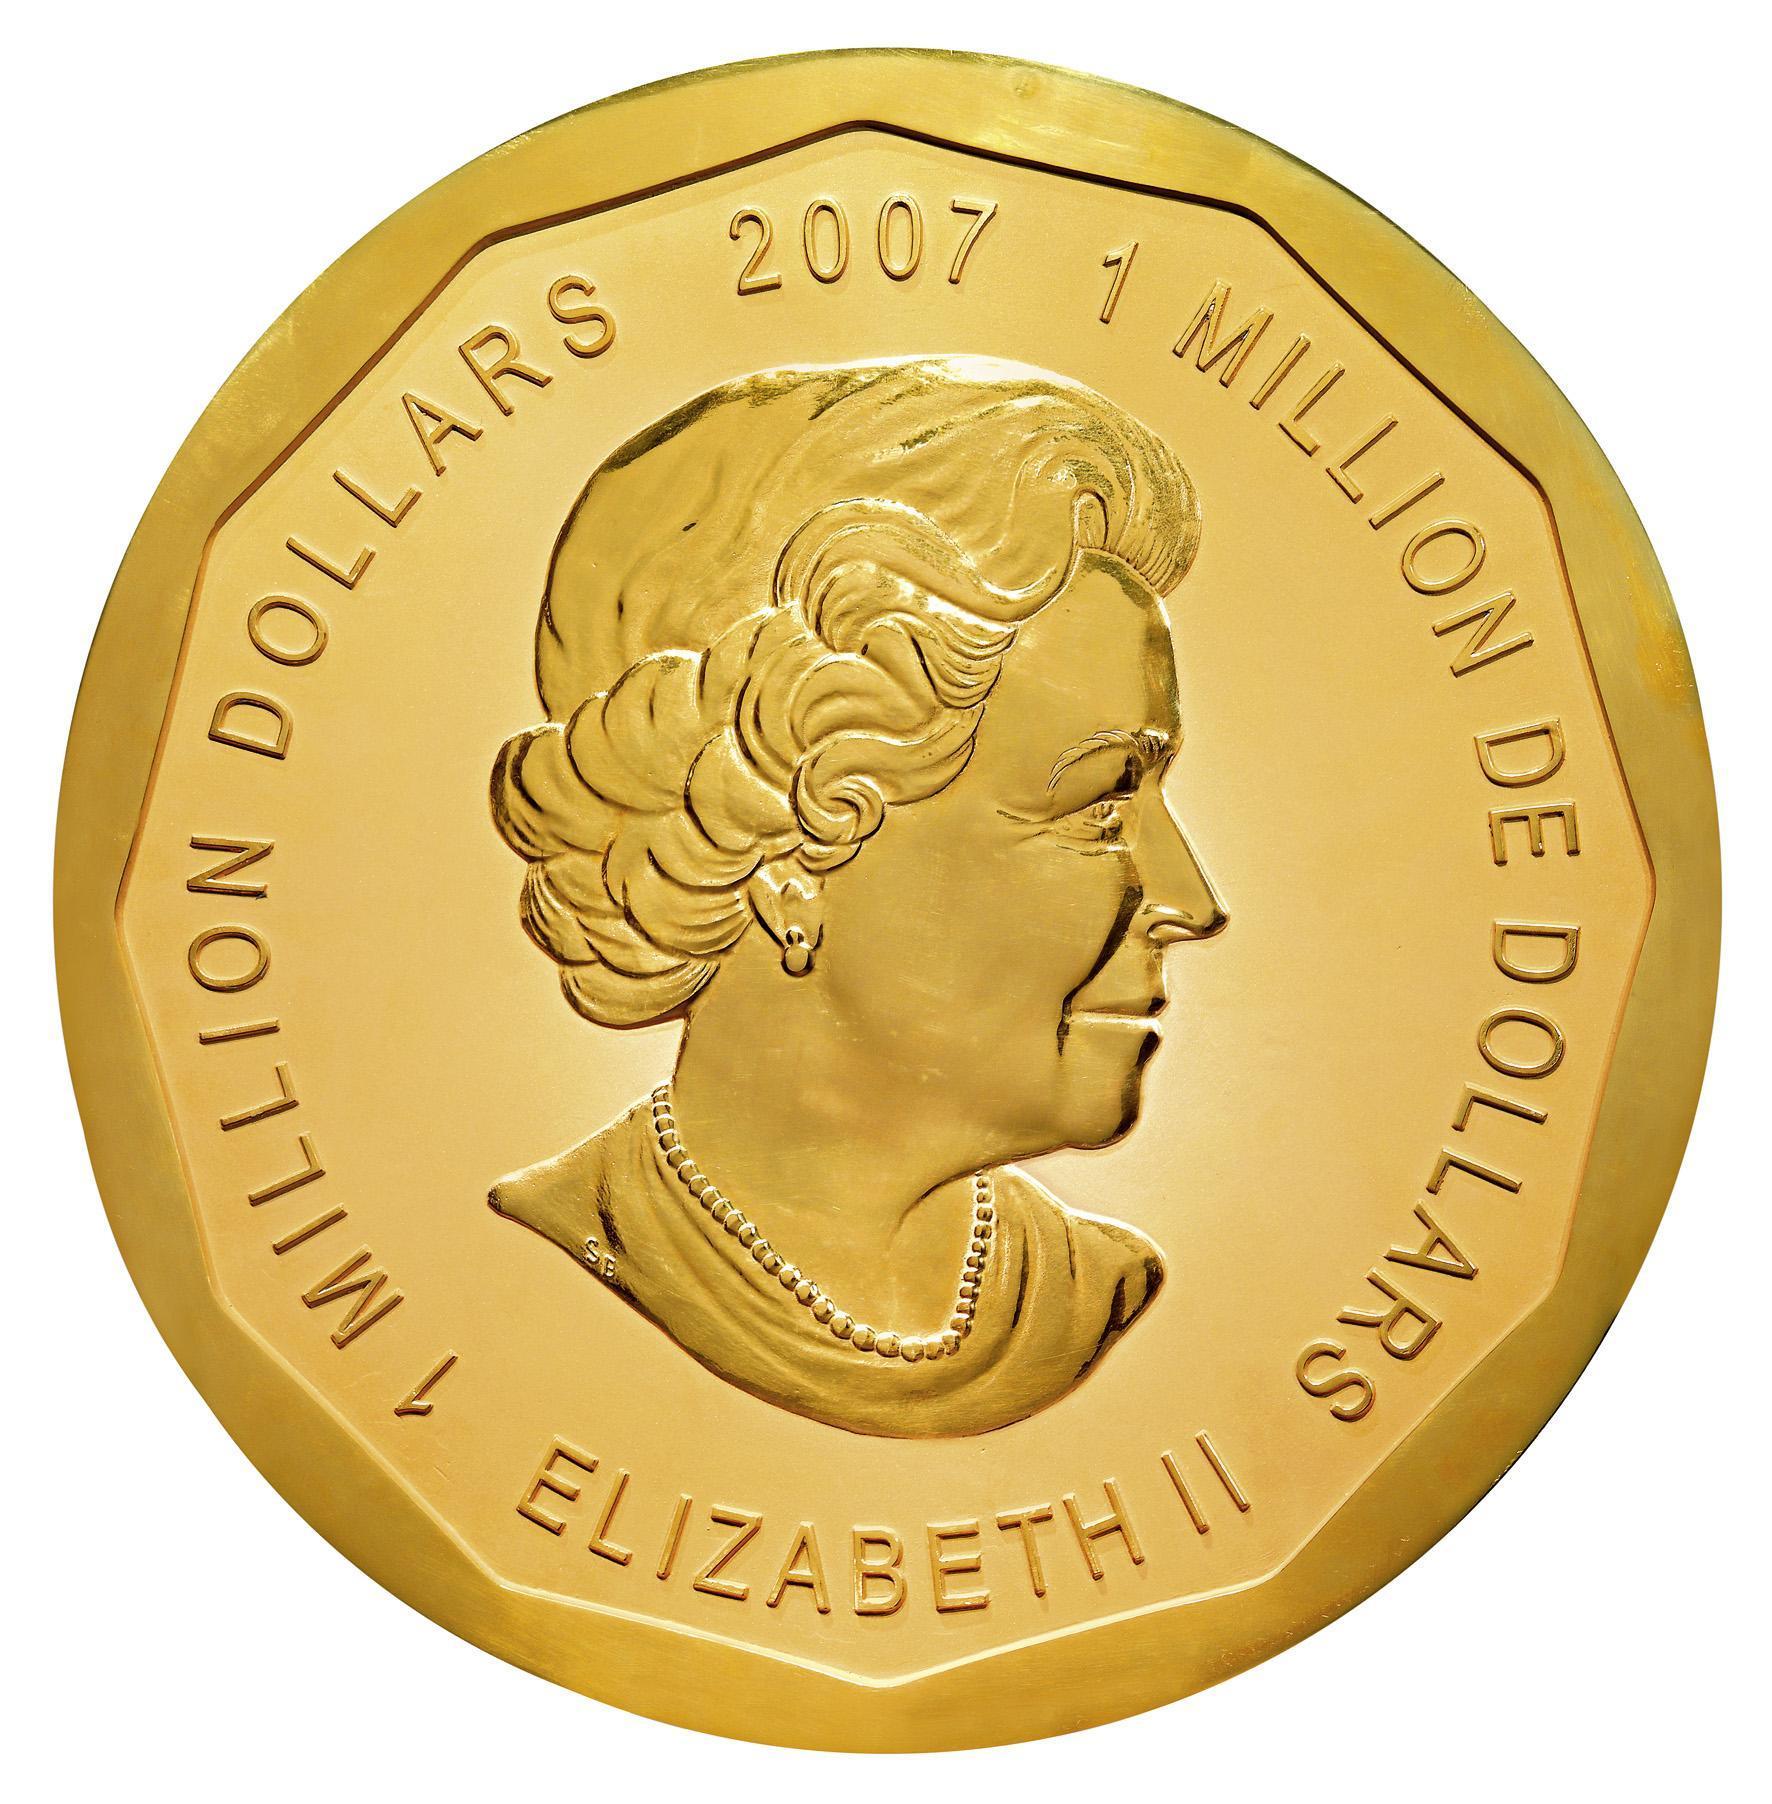 100 kg Goldmünze Maple Leaf mit Schubkarre aus Bode-Museum gestohlen